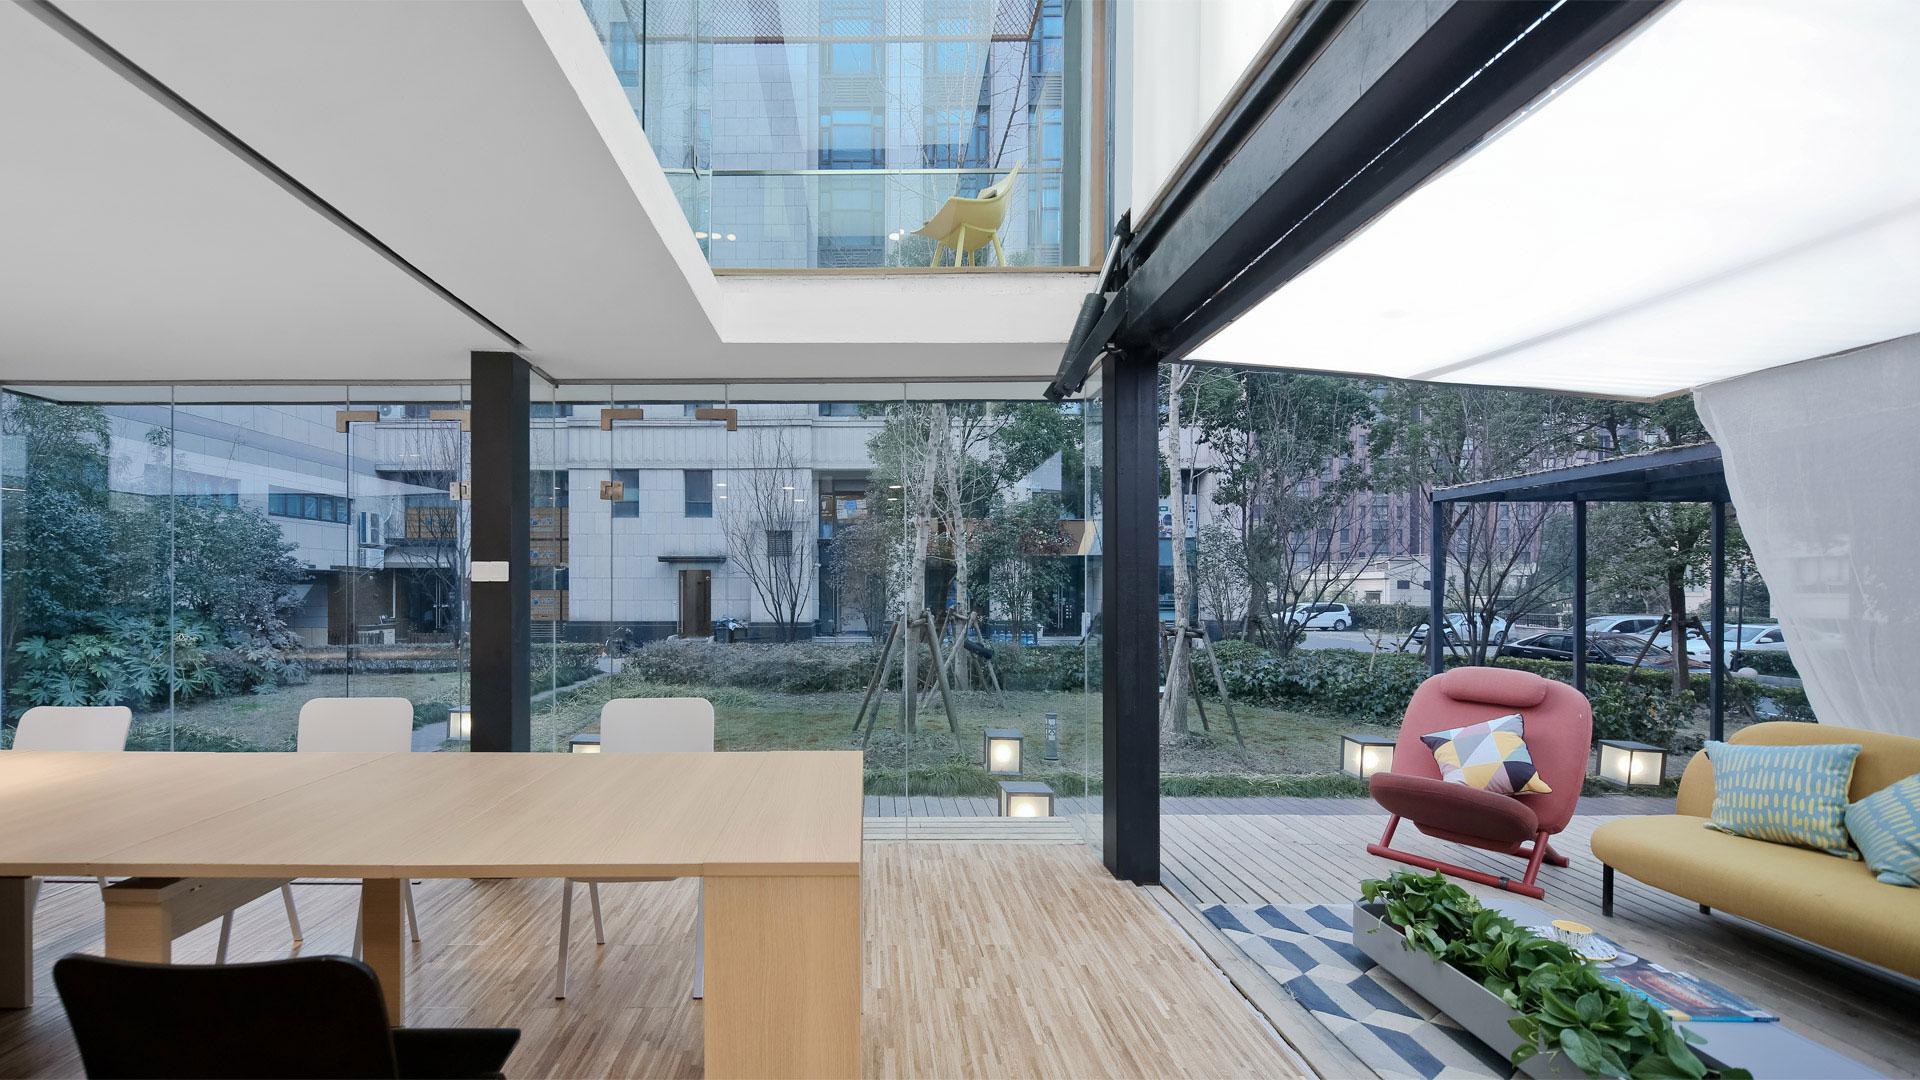 造作联手北京卫视《暖暖的新家》将72m²集装箱改造为四室八厅一厨二卫商住两用空间,一只谜盒满足收纳和置物多种需求,让办公空间免于杂乱,同时装点环境。?x-oss-process=image/format,jpg/interlace,1